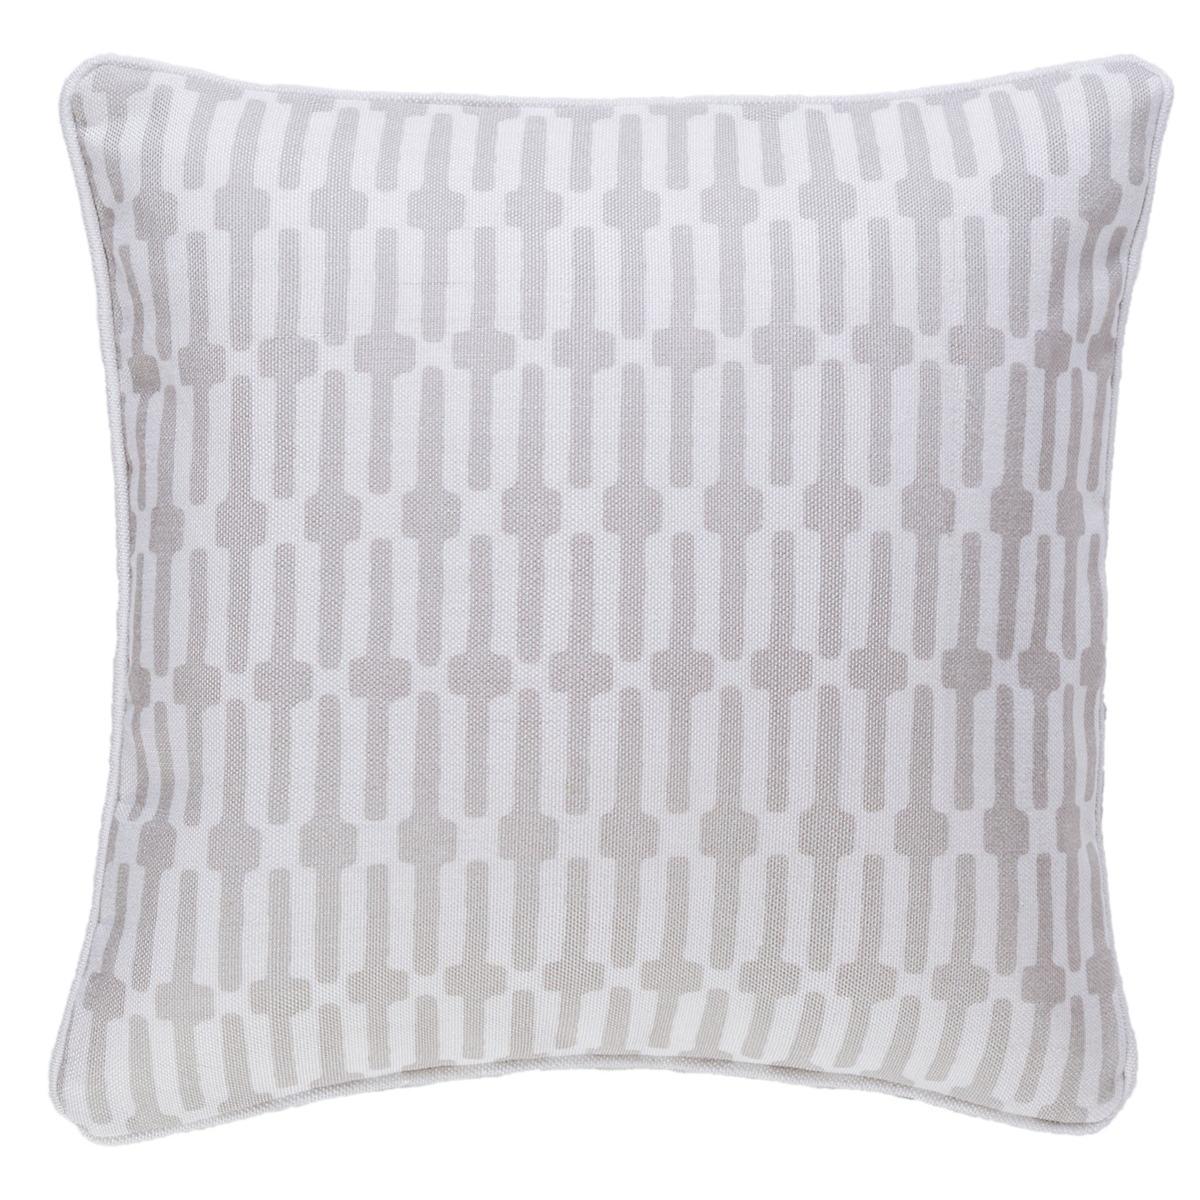 Links Pearl Grey Indoor/Outdoor Decorative Pillow